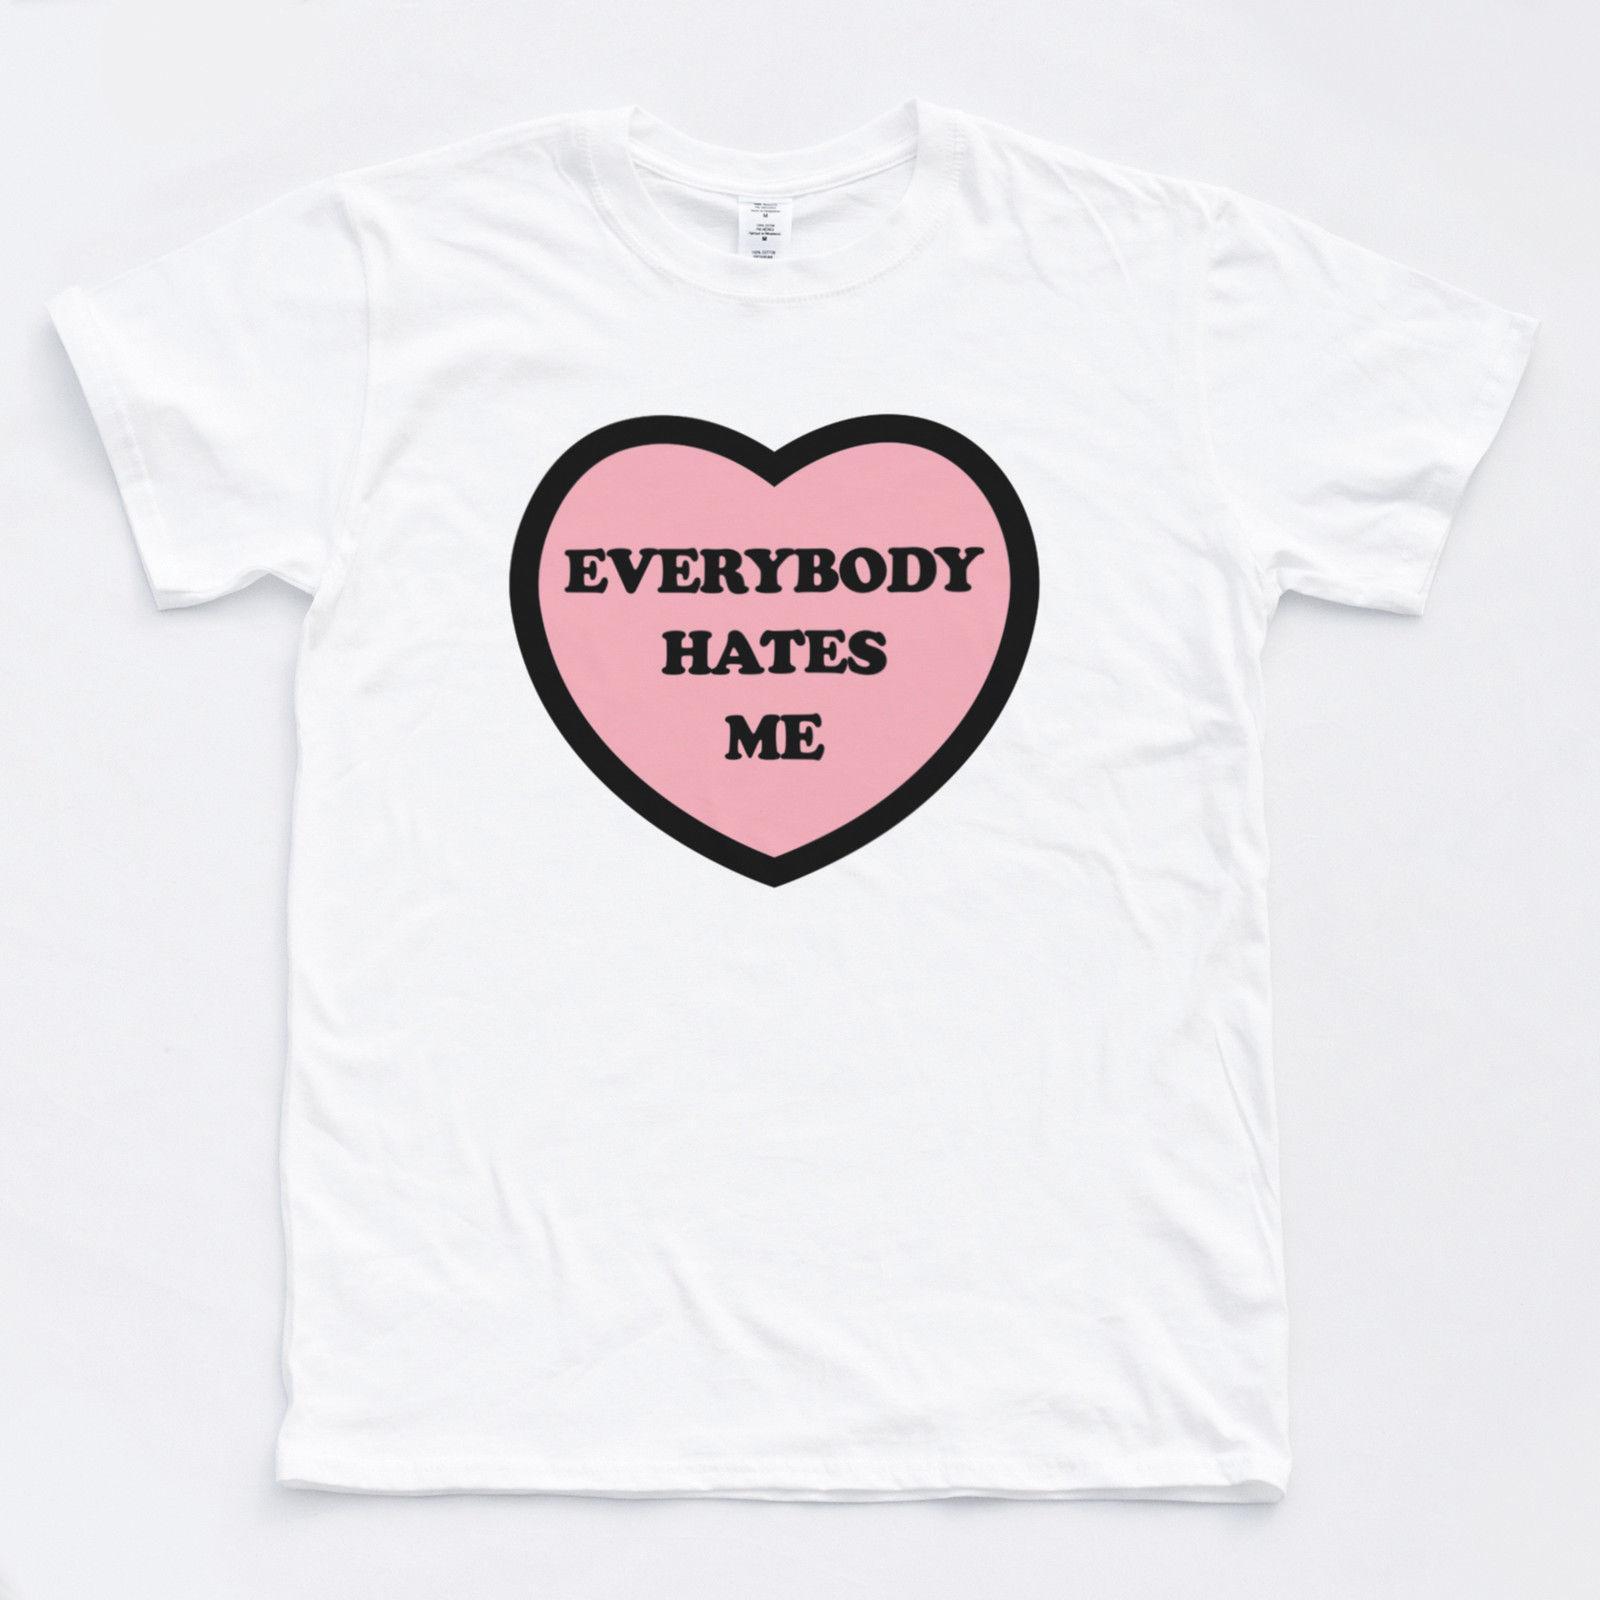 0c39dfff031e3 Acheter Tee Shirt Haine Coeur Doux Doux Amour Amour Hipster Rétro Rétro  Vintage Slogan De $11.17 Du Tshirtemperor23 | DHgate.Com